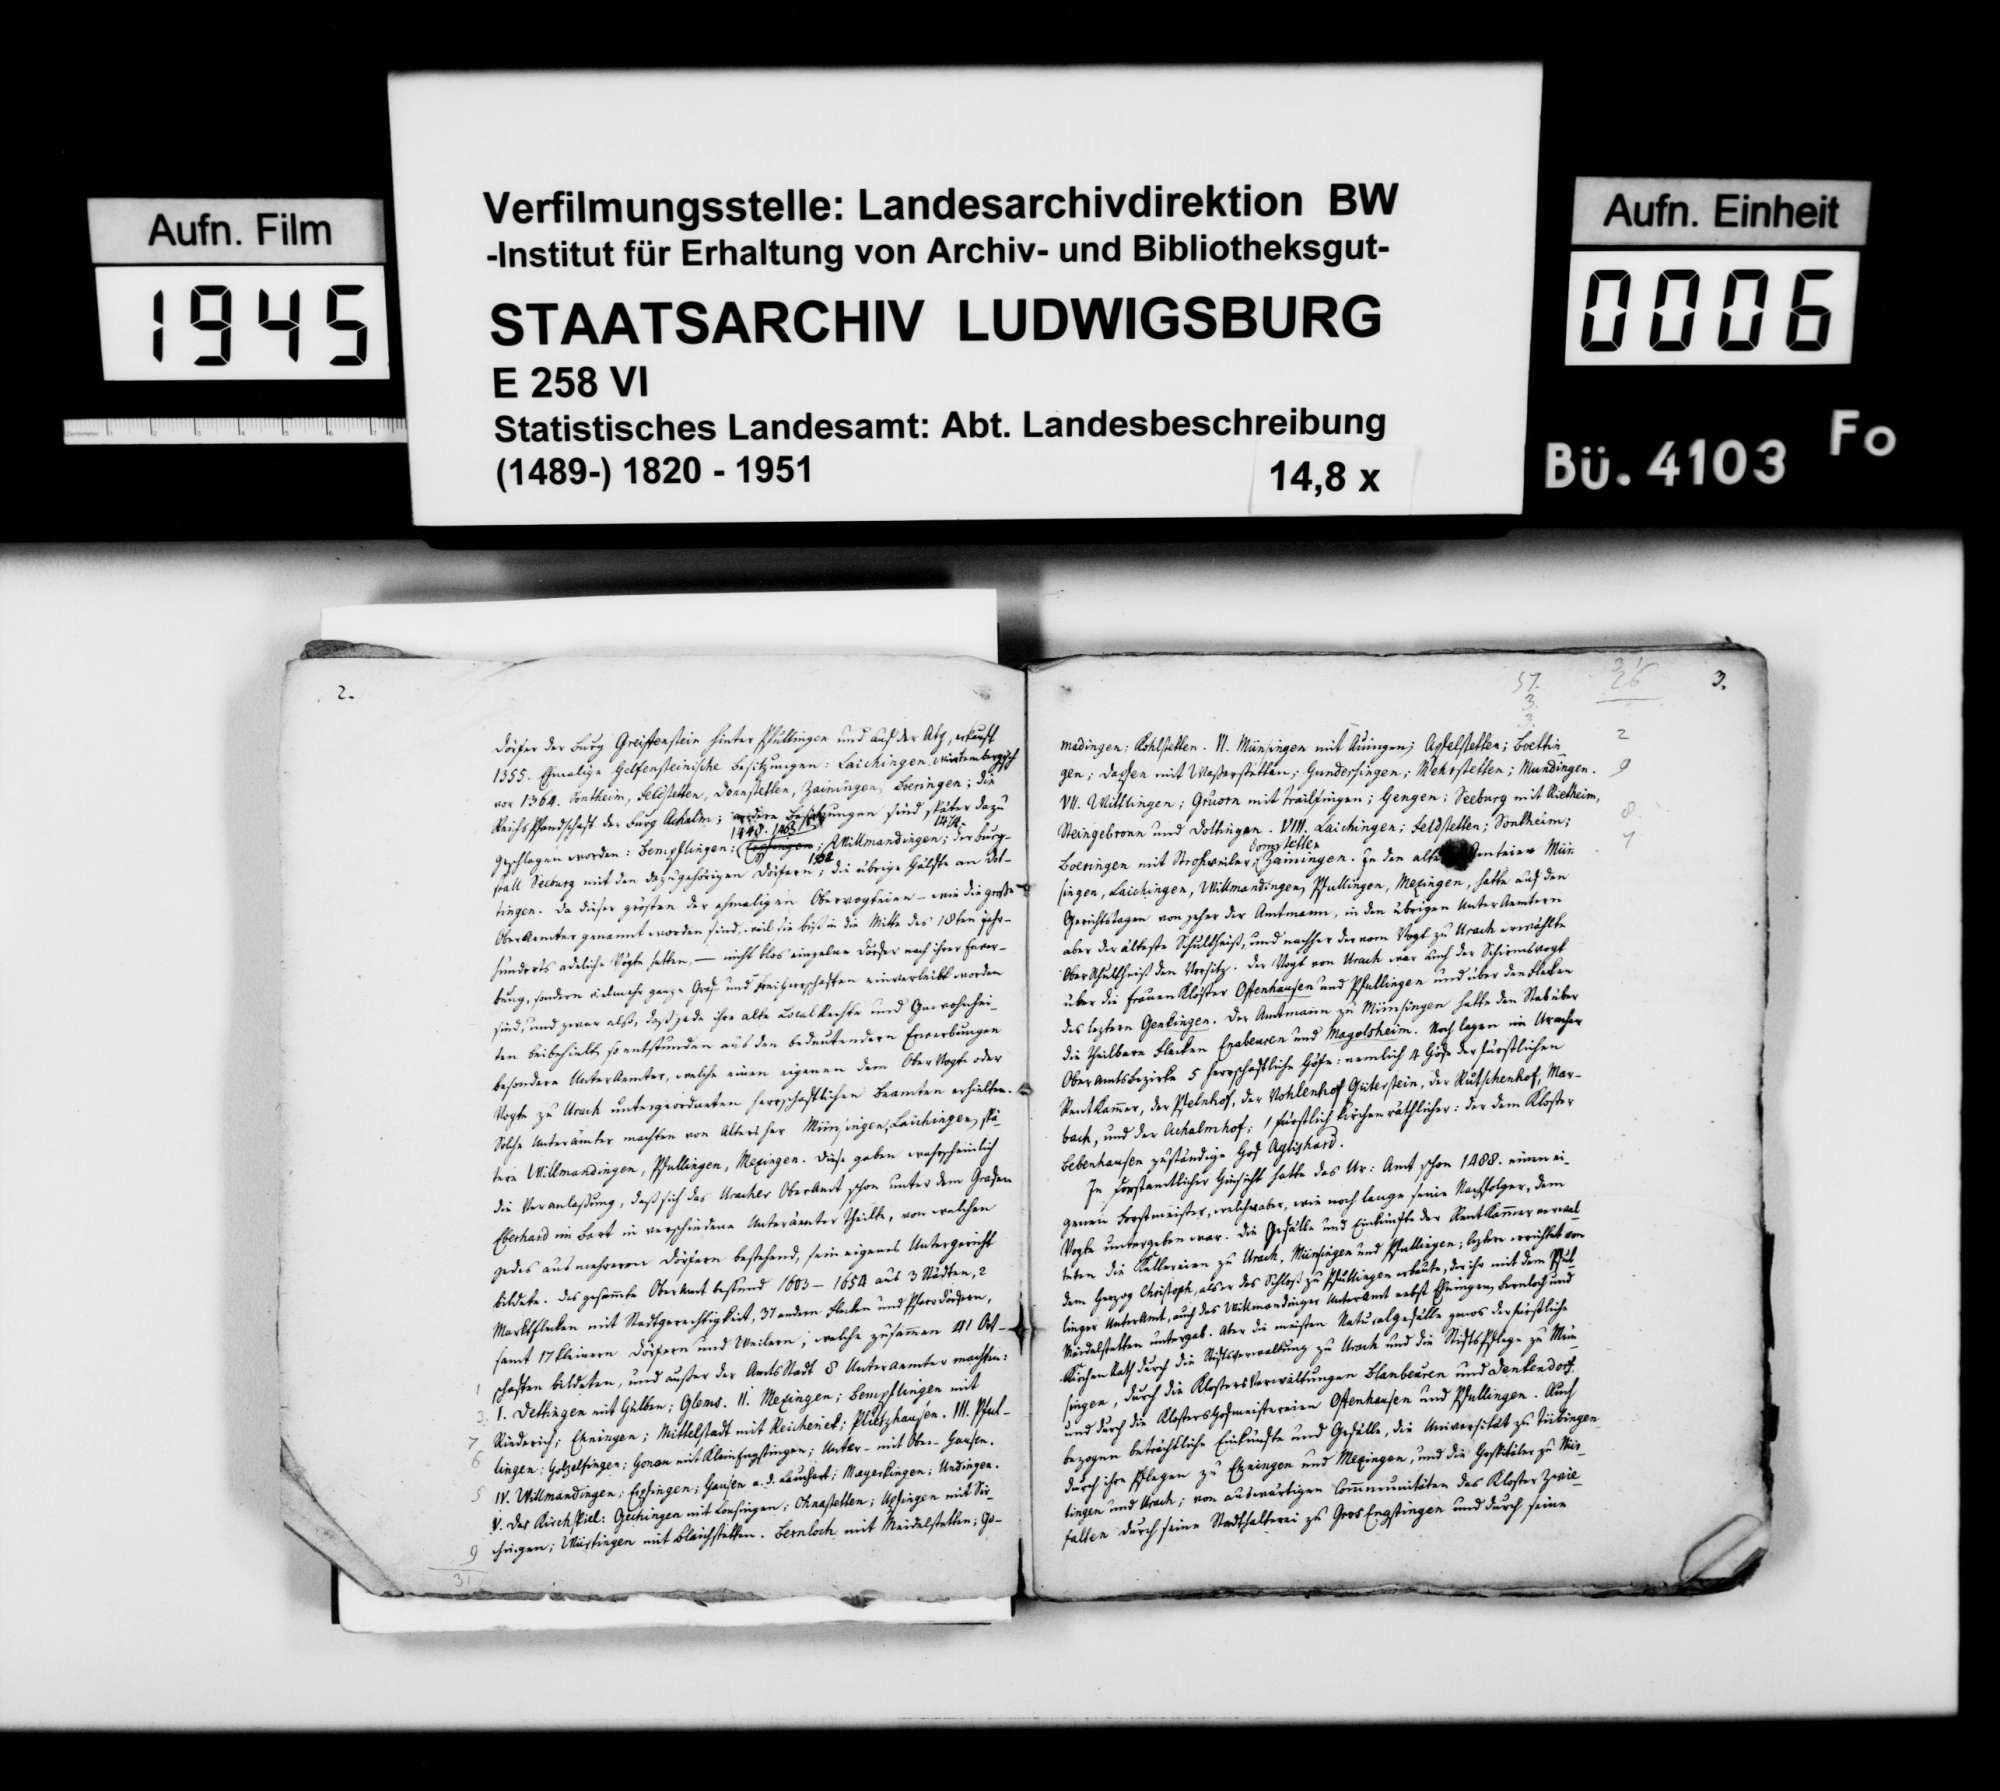 Manuskript des Pfarrers [Karl Christian] Gratianus aus Hengen: Urachs kleine Chronik, 2. und 3. Buch: Das Oberamt. Zweite Bearbeitungsstufe, Bild 3